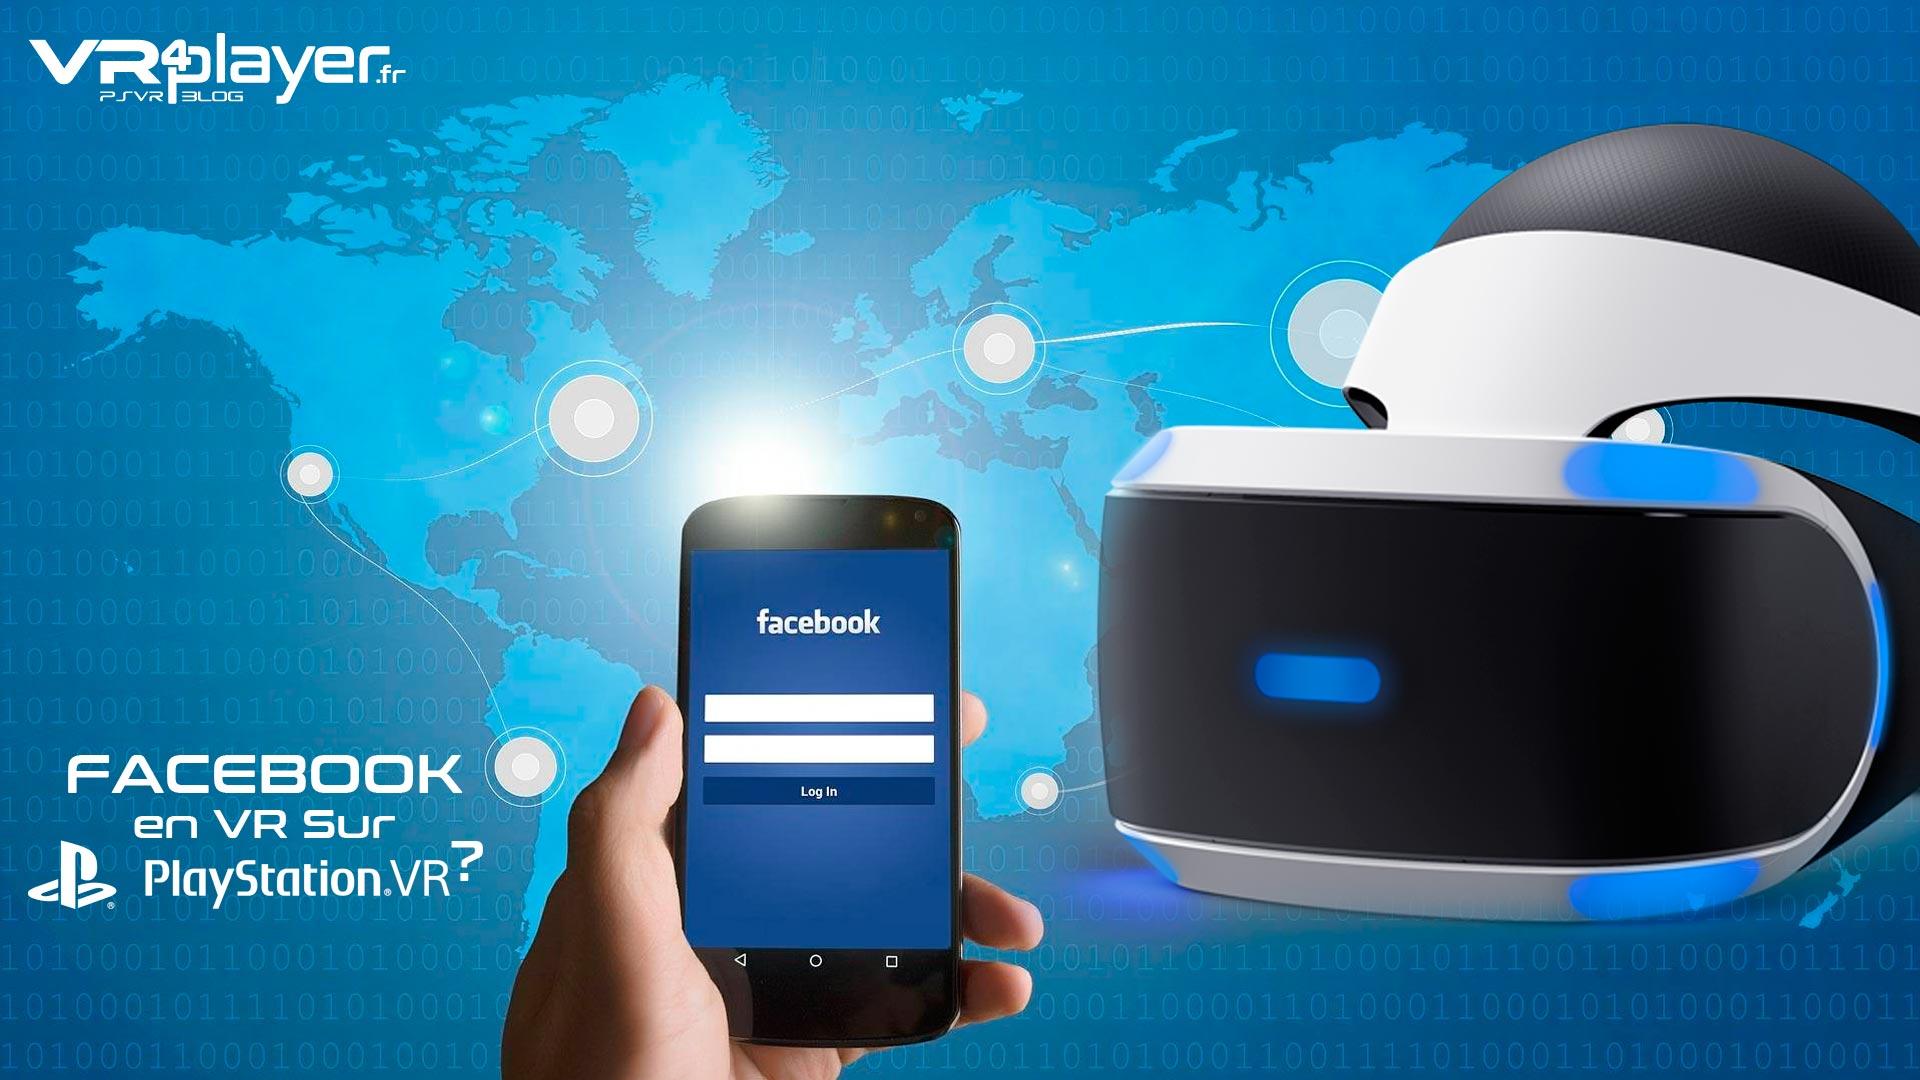 Facebook en VR sur PlayStation VR ...